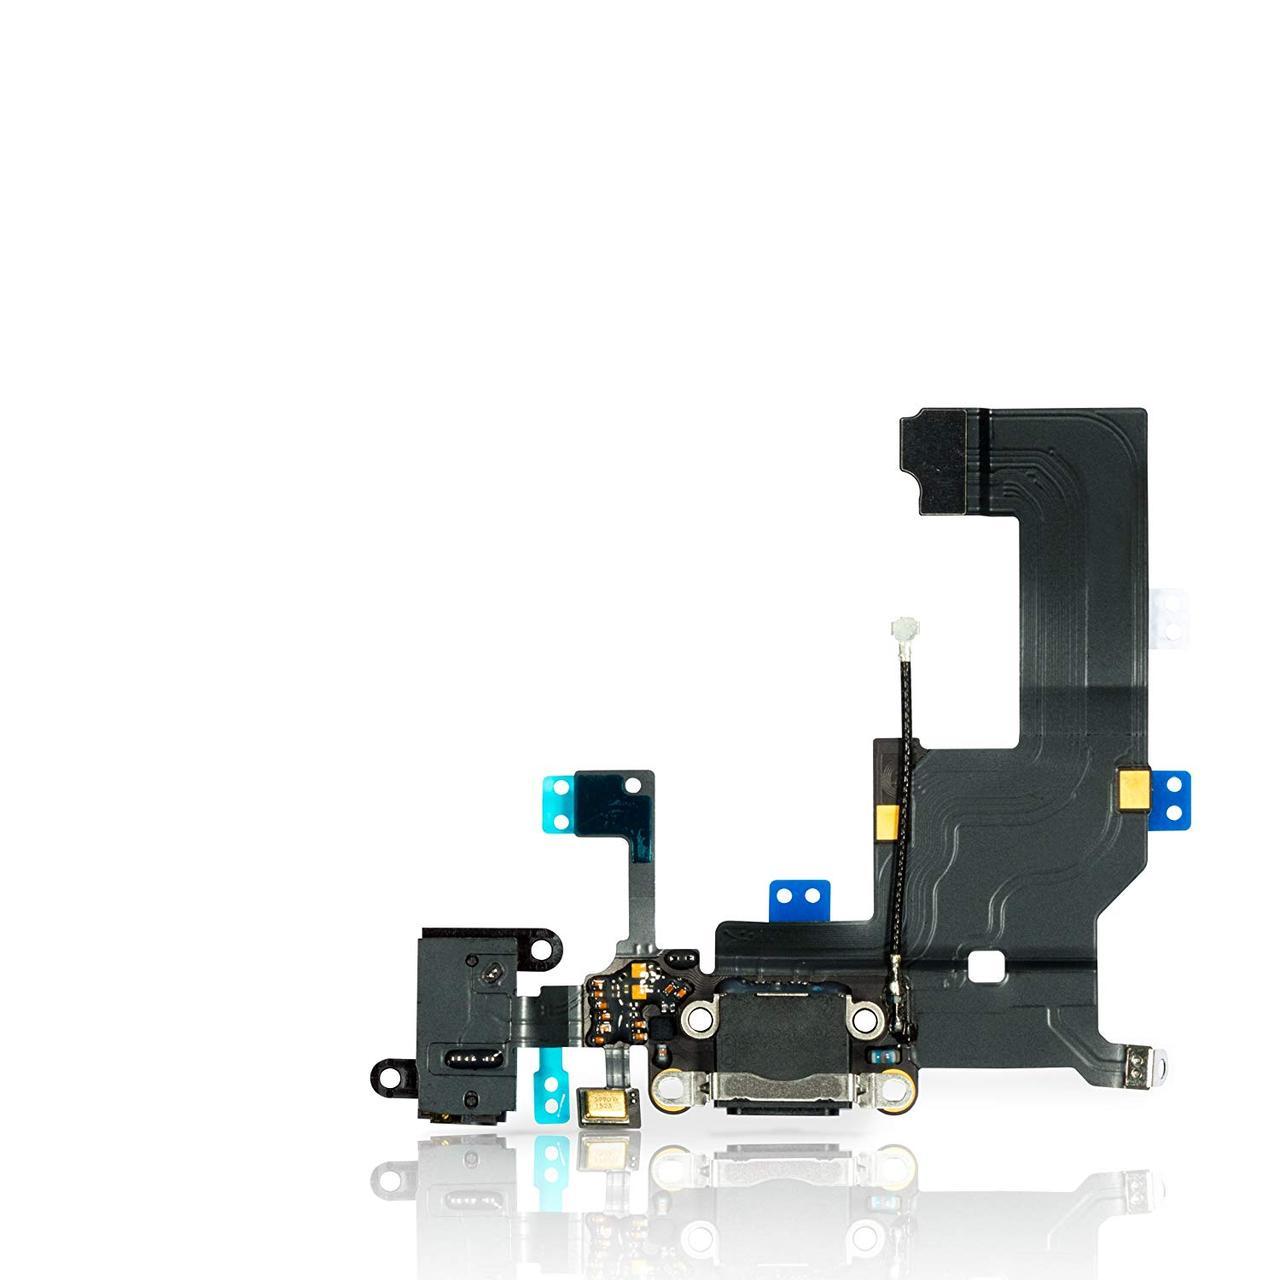 Запчасть для iPhone 5 - teparto Dock Connector